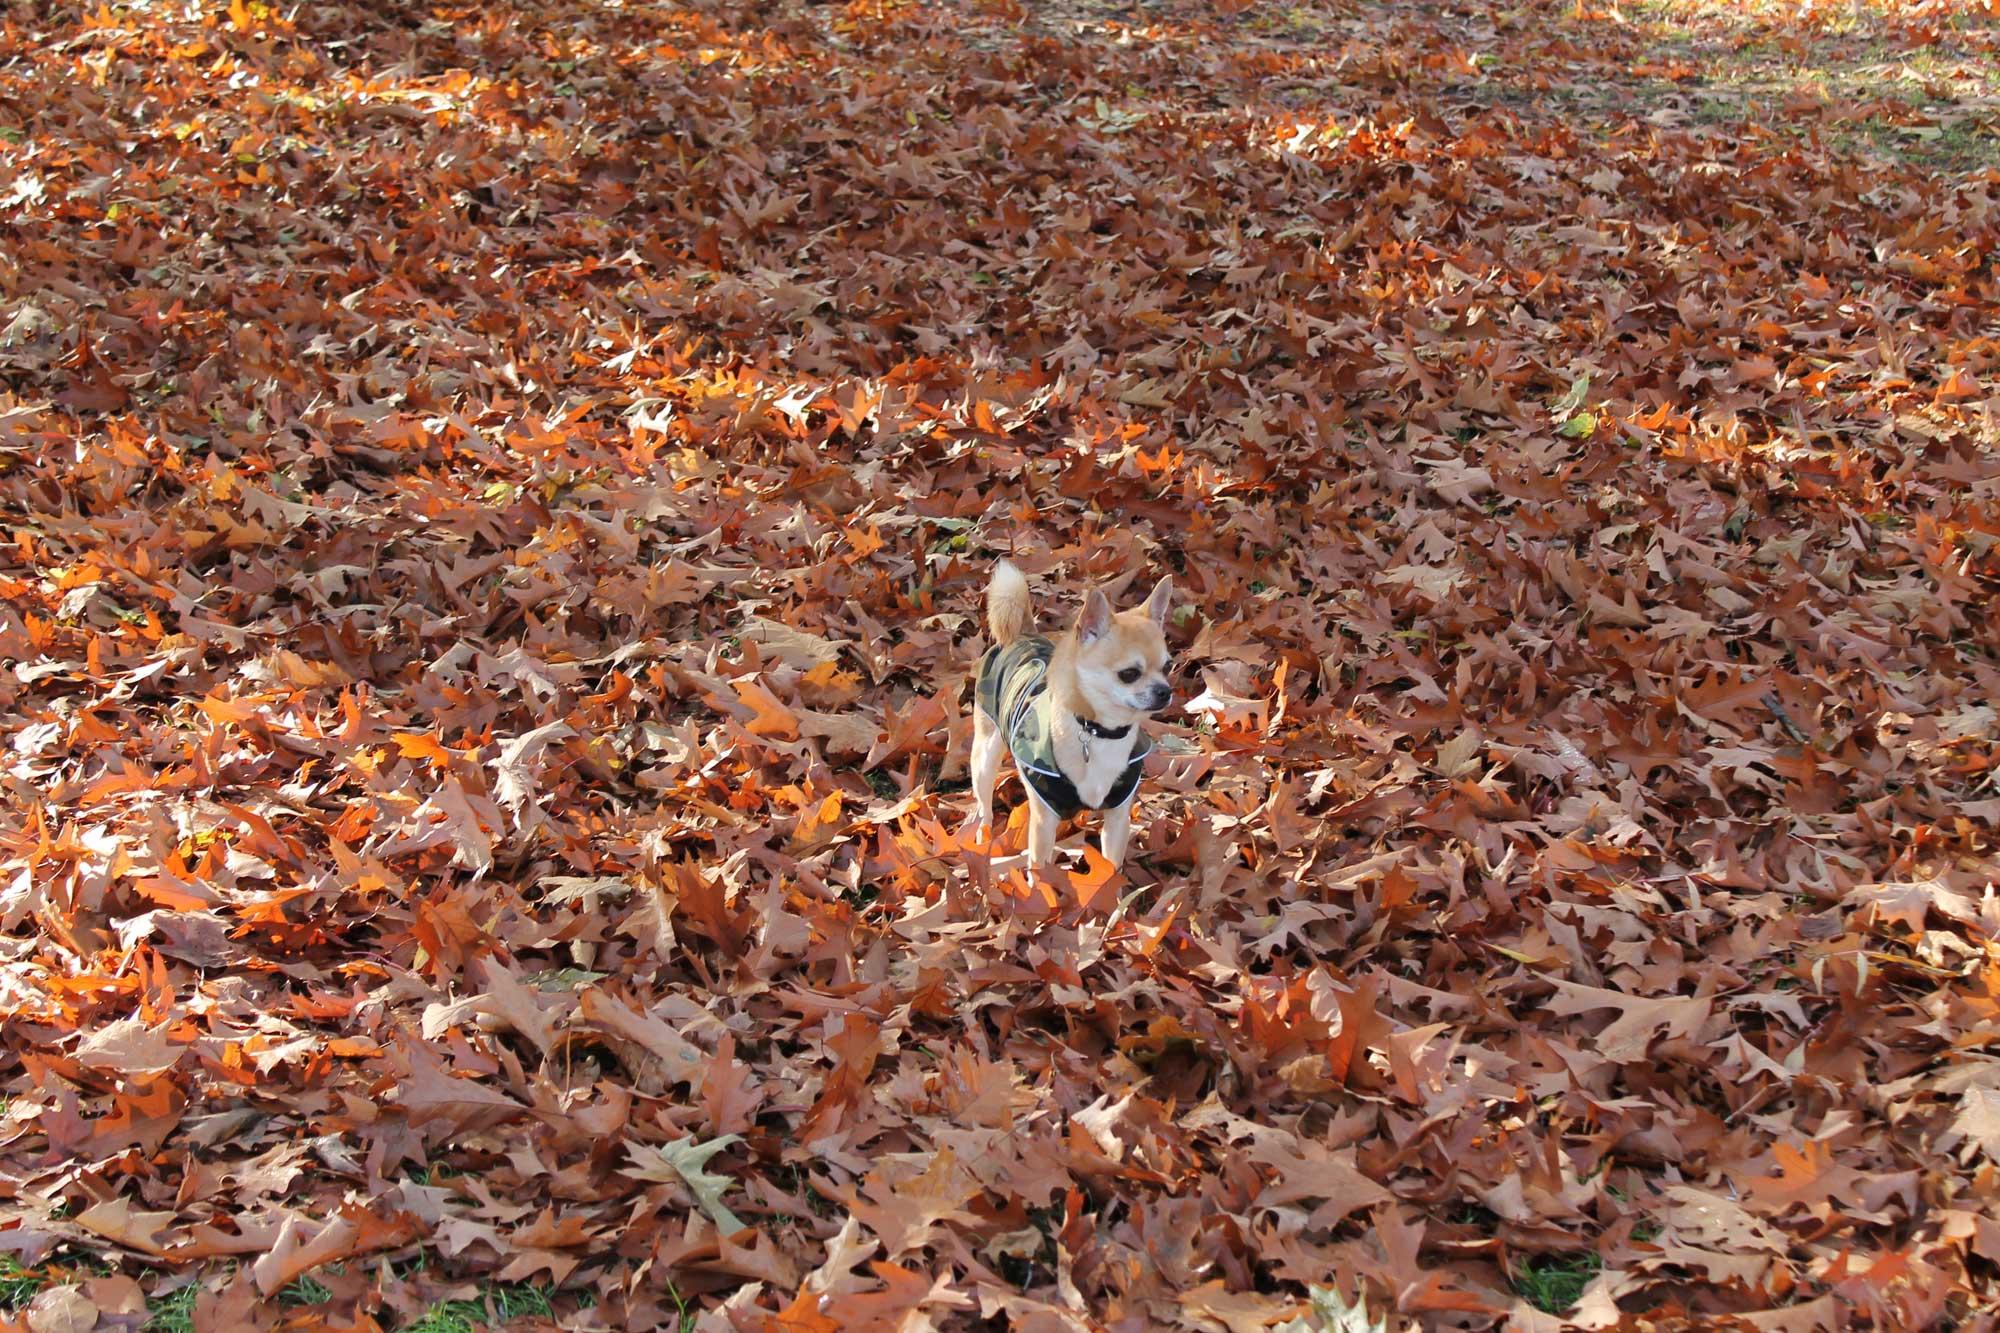 Chiwawa autumn leaves